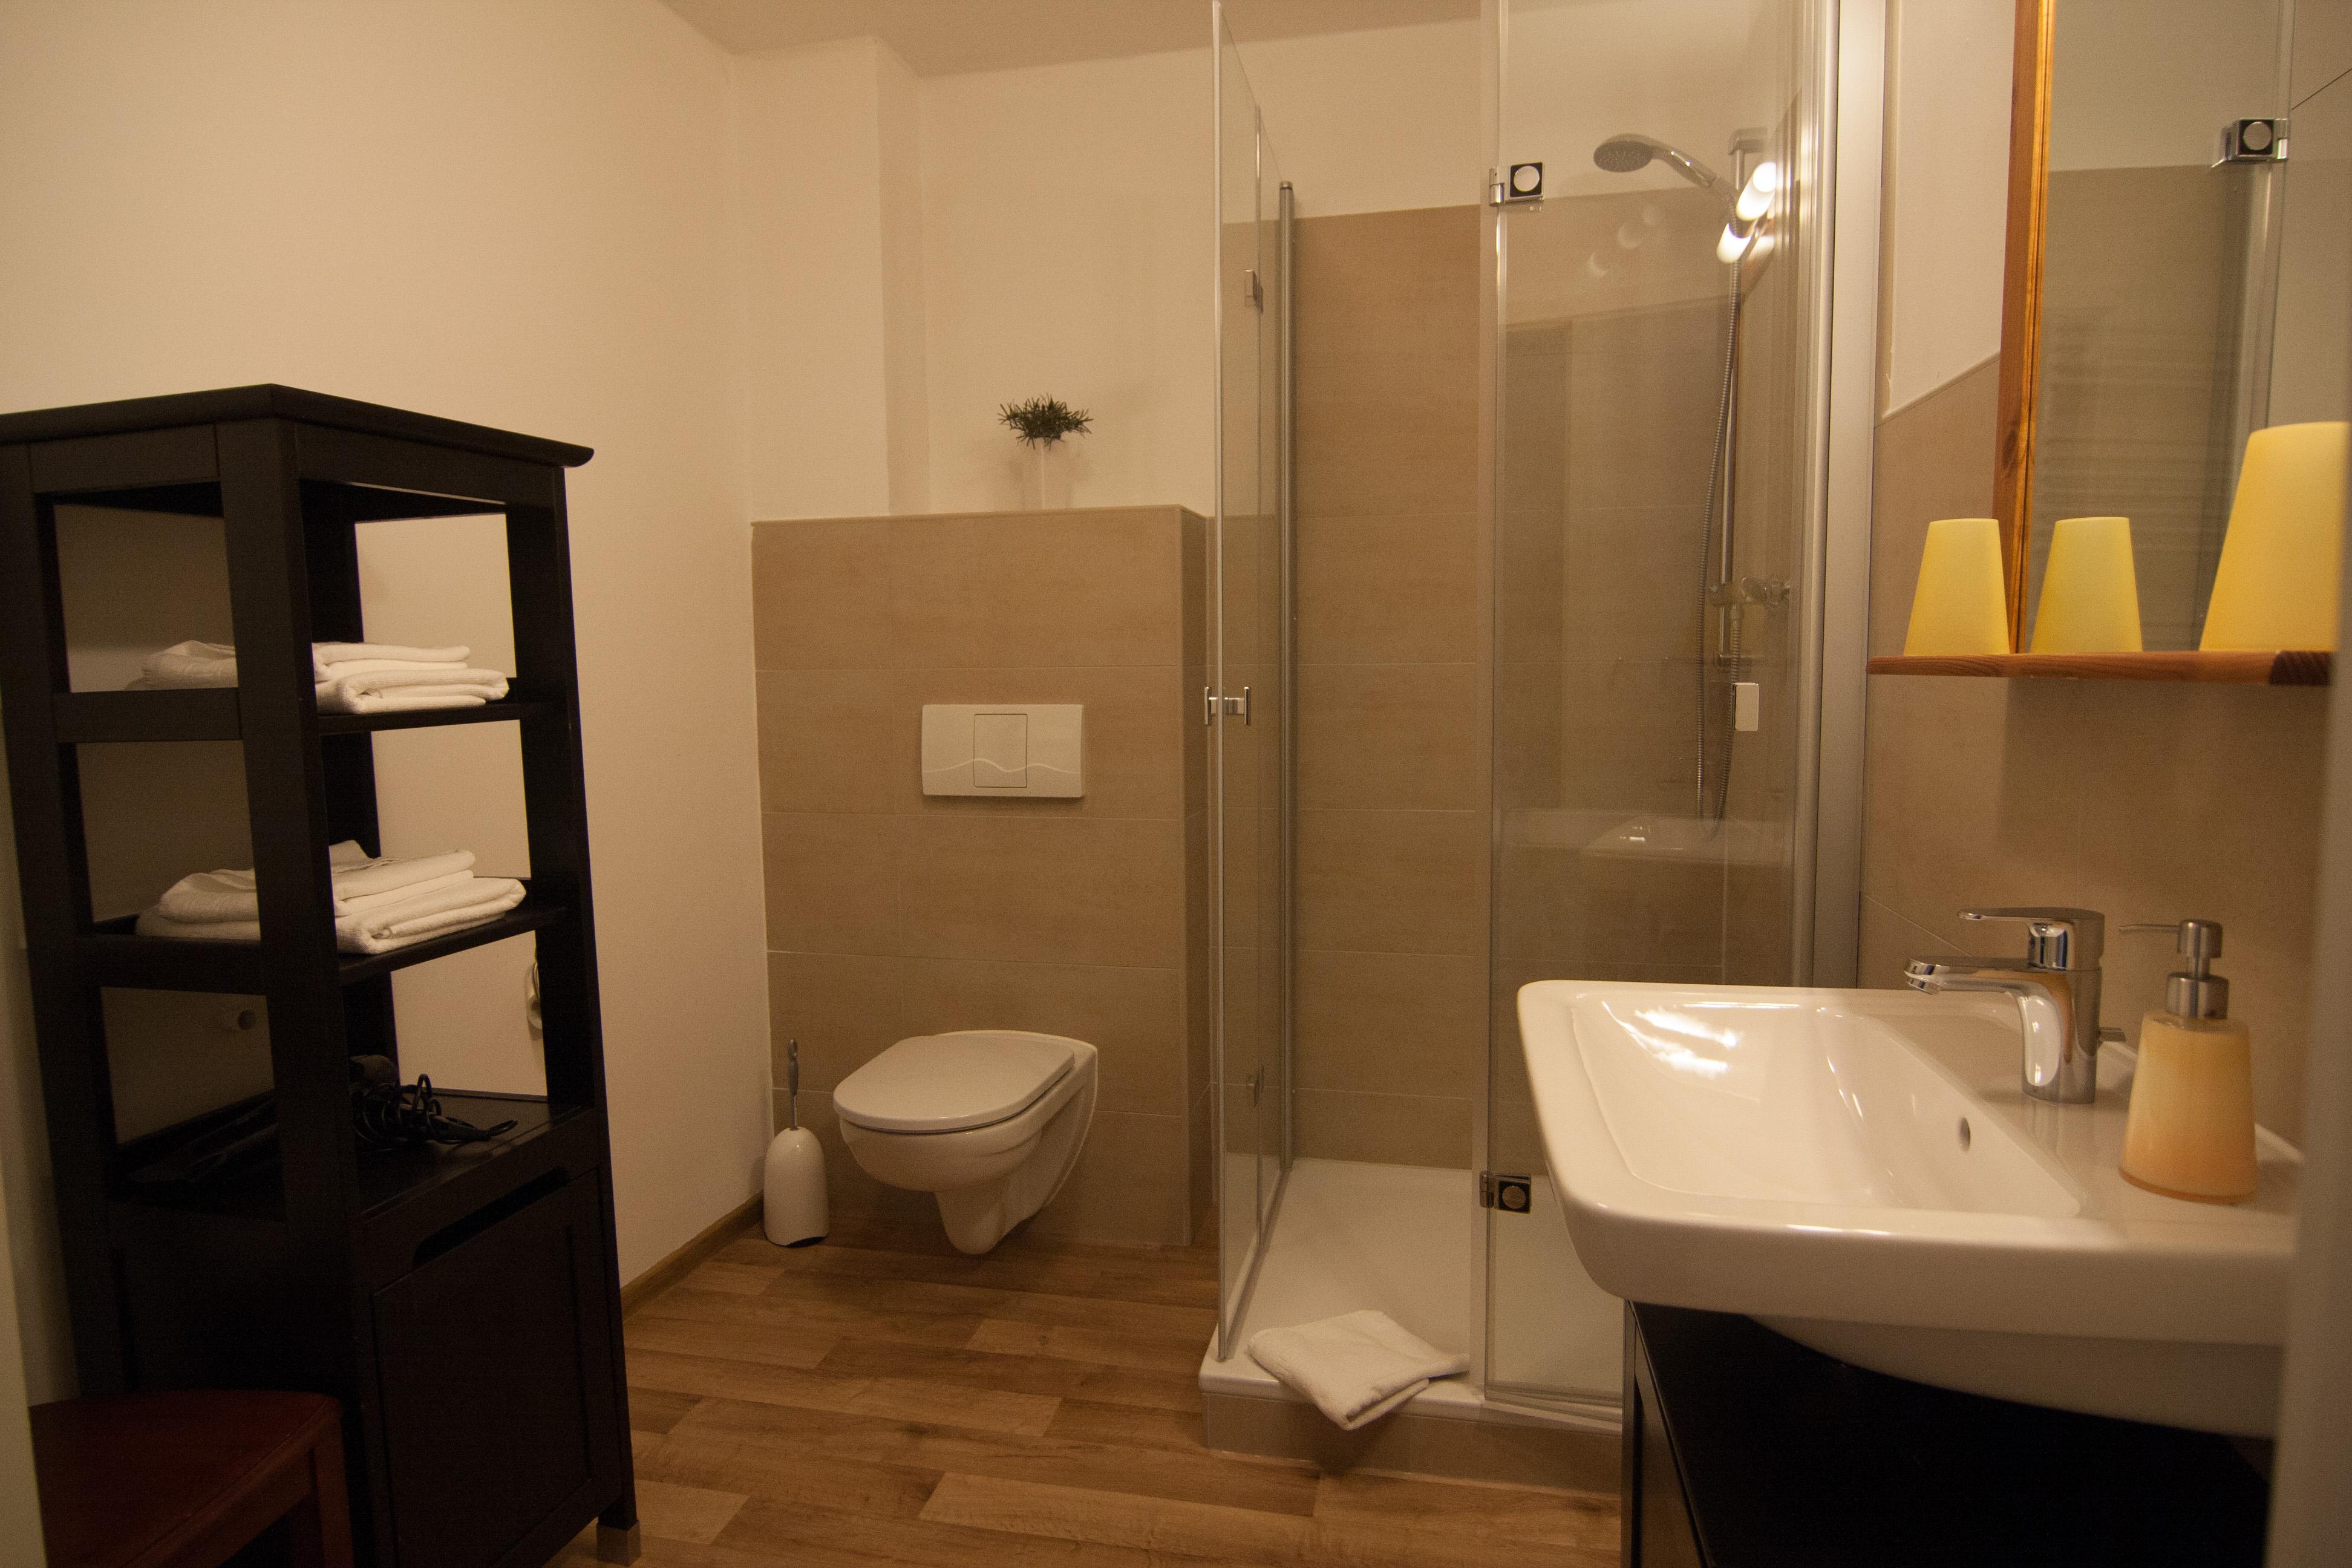 Badezimmer mit niedrigem Duscheinstieg